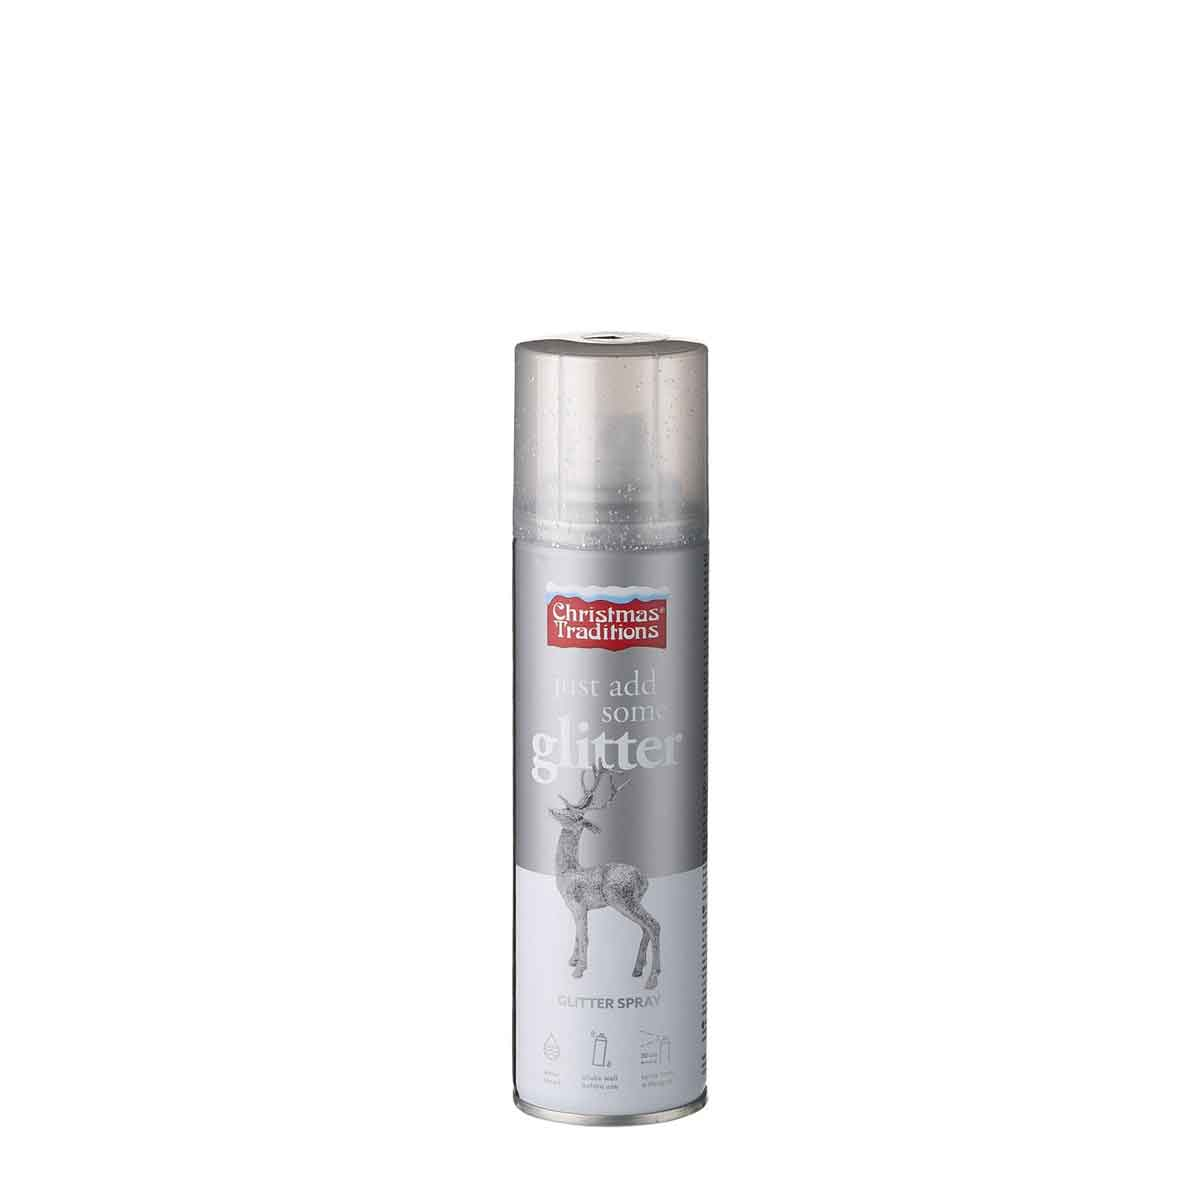 Glitter spray colore argento a base d'acqua. Confezione da 100 ml